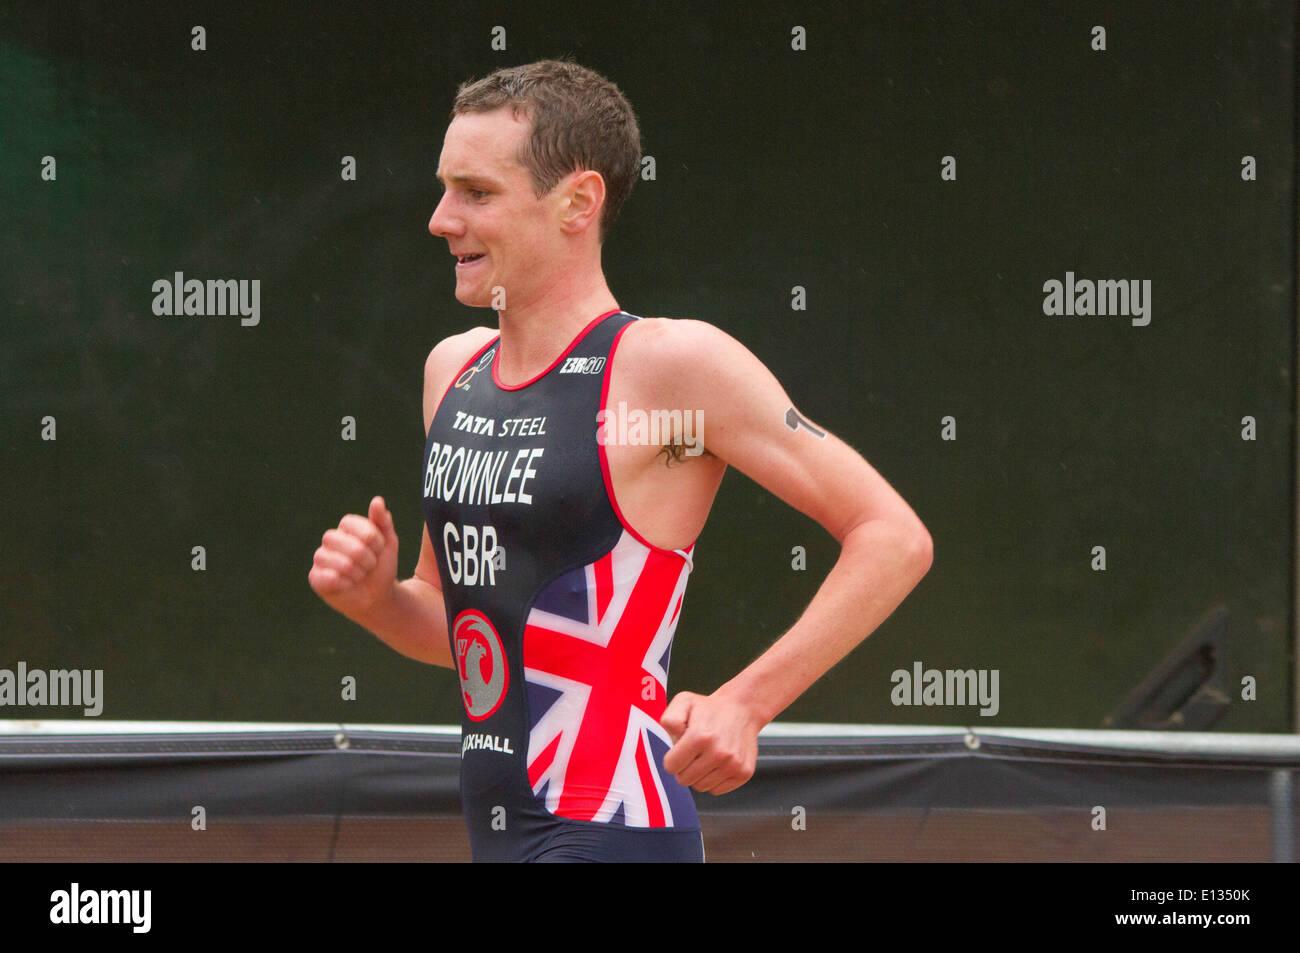 Alistair Brownlee during the 2013 ITU Triarhlon held in London. - Stock Image